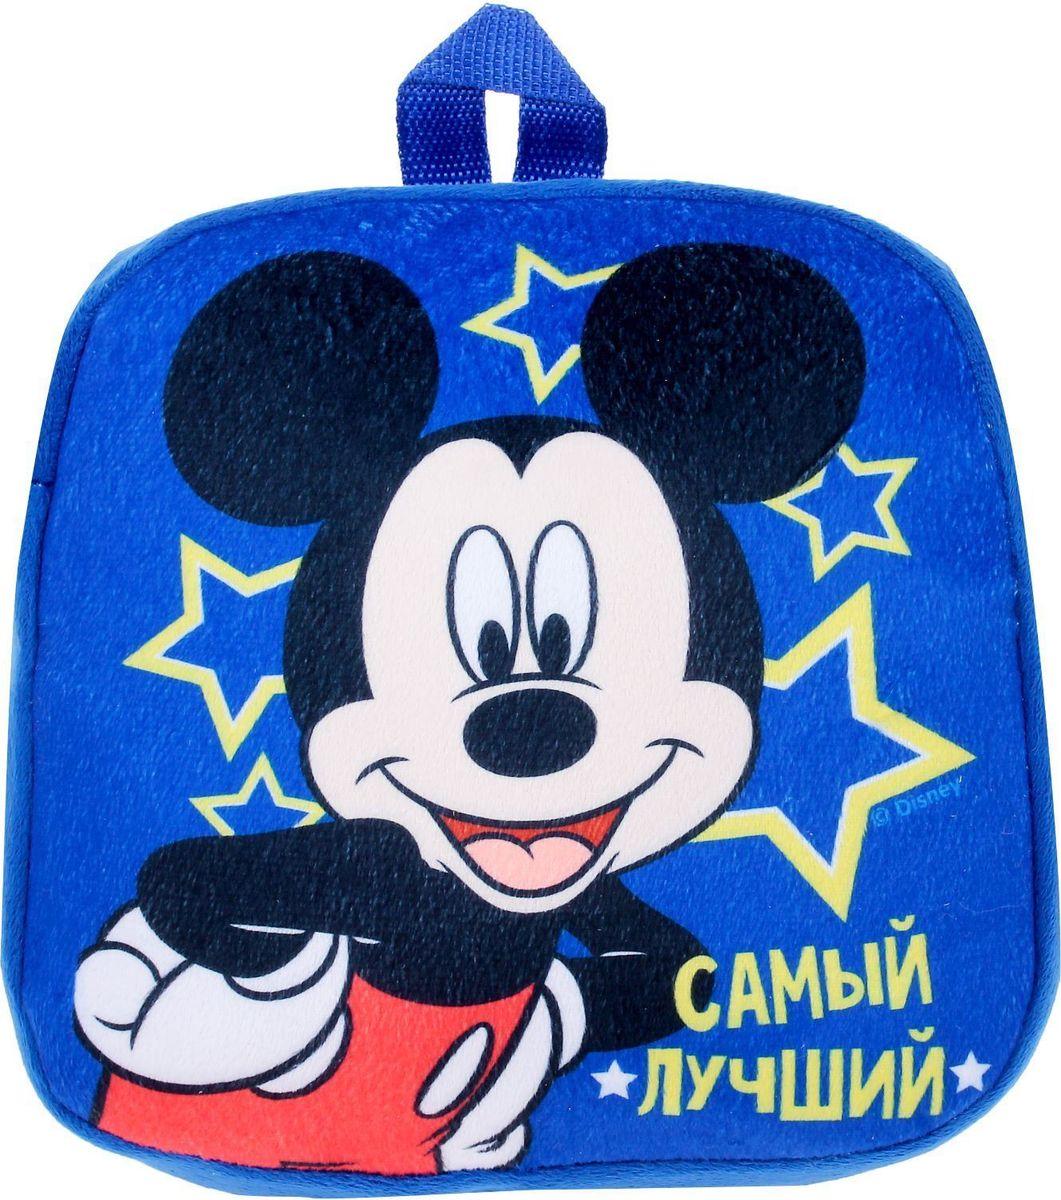 Disney Рюкзак дошкольный Микки Маус Самый лучший1745526Дети обожают брать с собой игрушки. Для этого отлично подойдет небольшой, но вместительный рюкзачок Disney!Это не просто рюкзак, но и безумно приятная на ощупь игрушка! Изделие изготовлено из качественного мягкого плюша. Молния надежно сохранит все вещи внутри, а регулируемые ремешки сделают время, проведенное с любимым героем, еще комфортнее! Сверху имеется удобная ручка для переноски рюкзака в руке.Шильдик с незаполненным полем, который прилагается к изделию, вы можете использовать как мини-открытку.